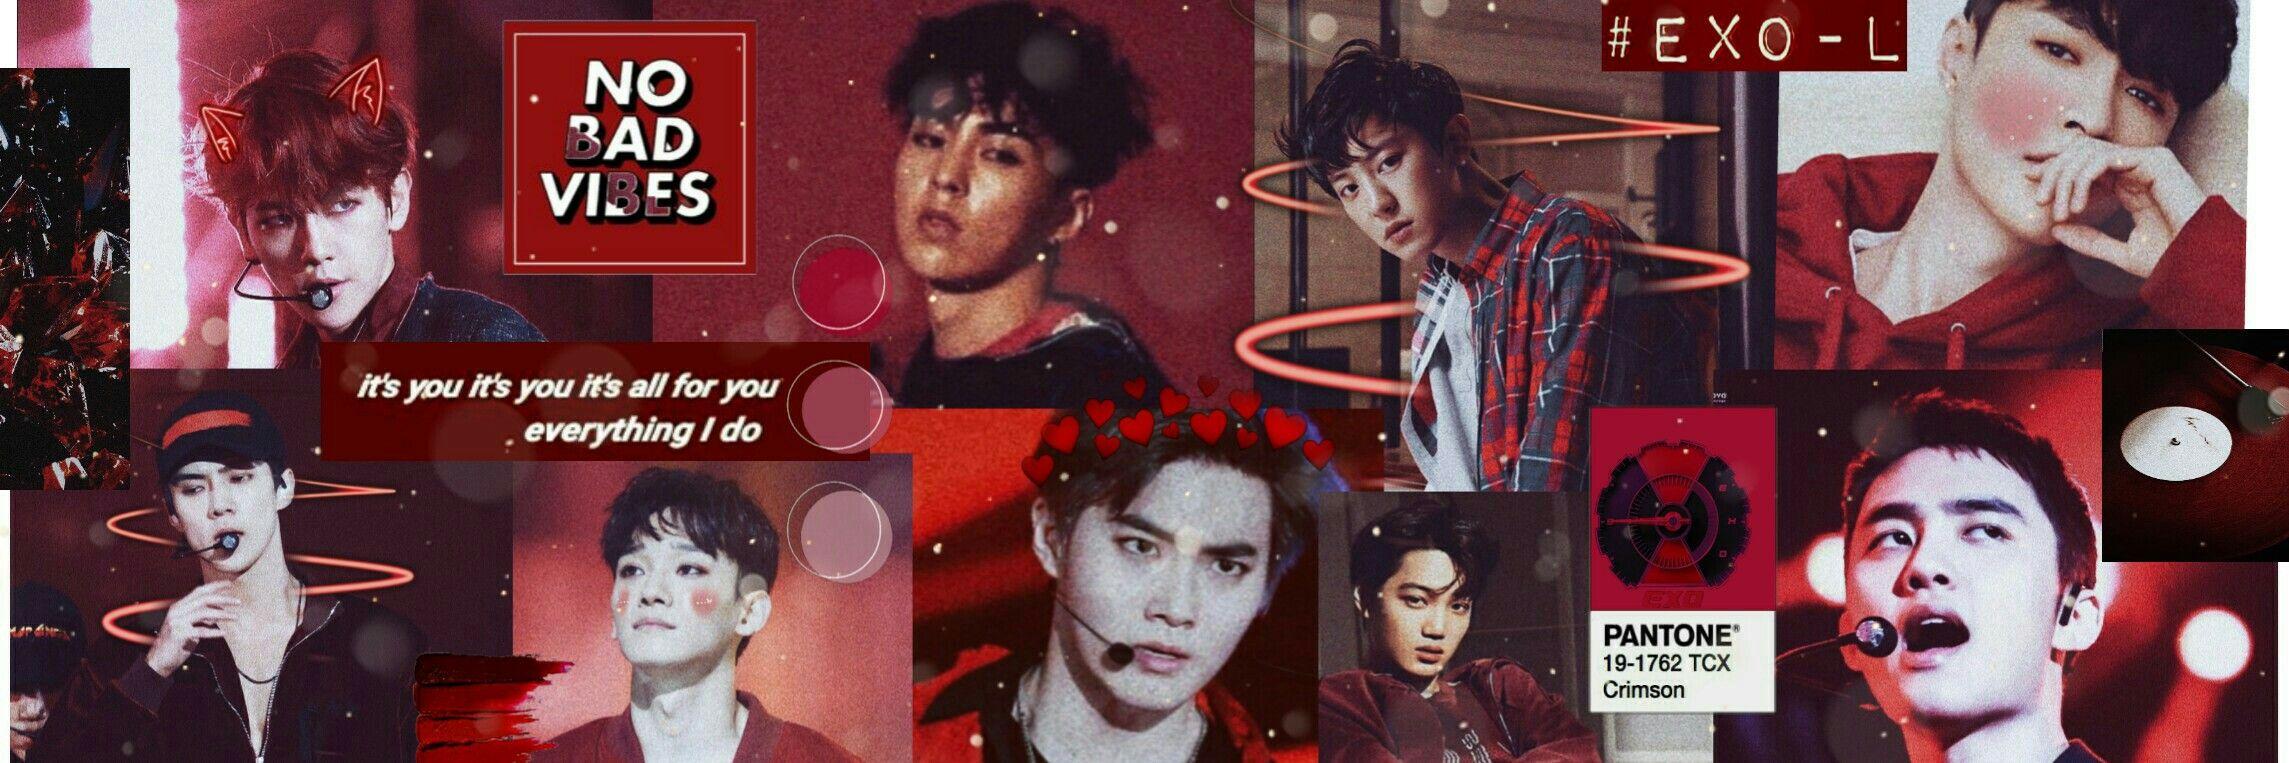 Exo Red Aesthetic Ot9 Twitter Header Exo